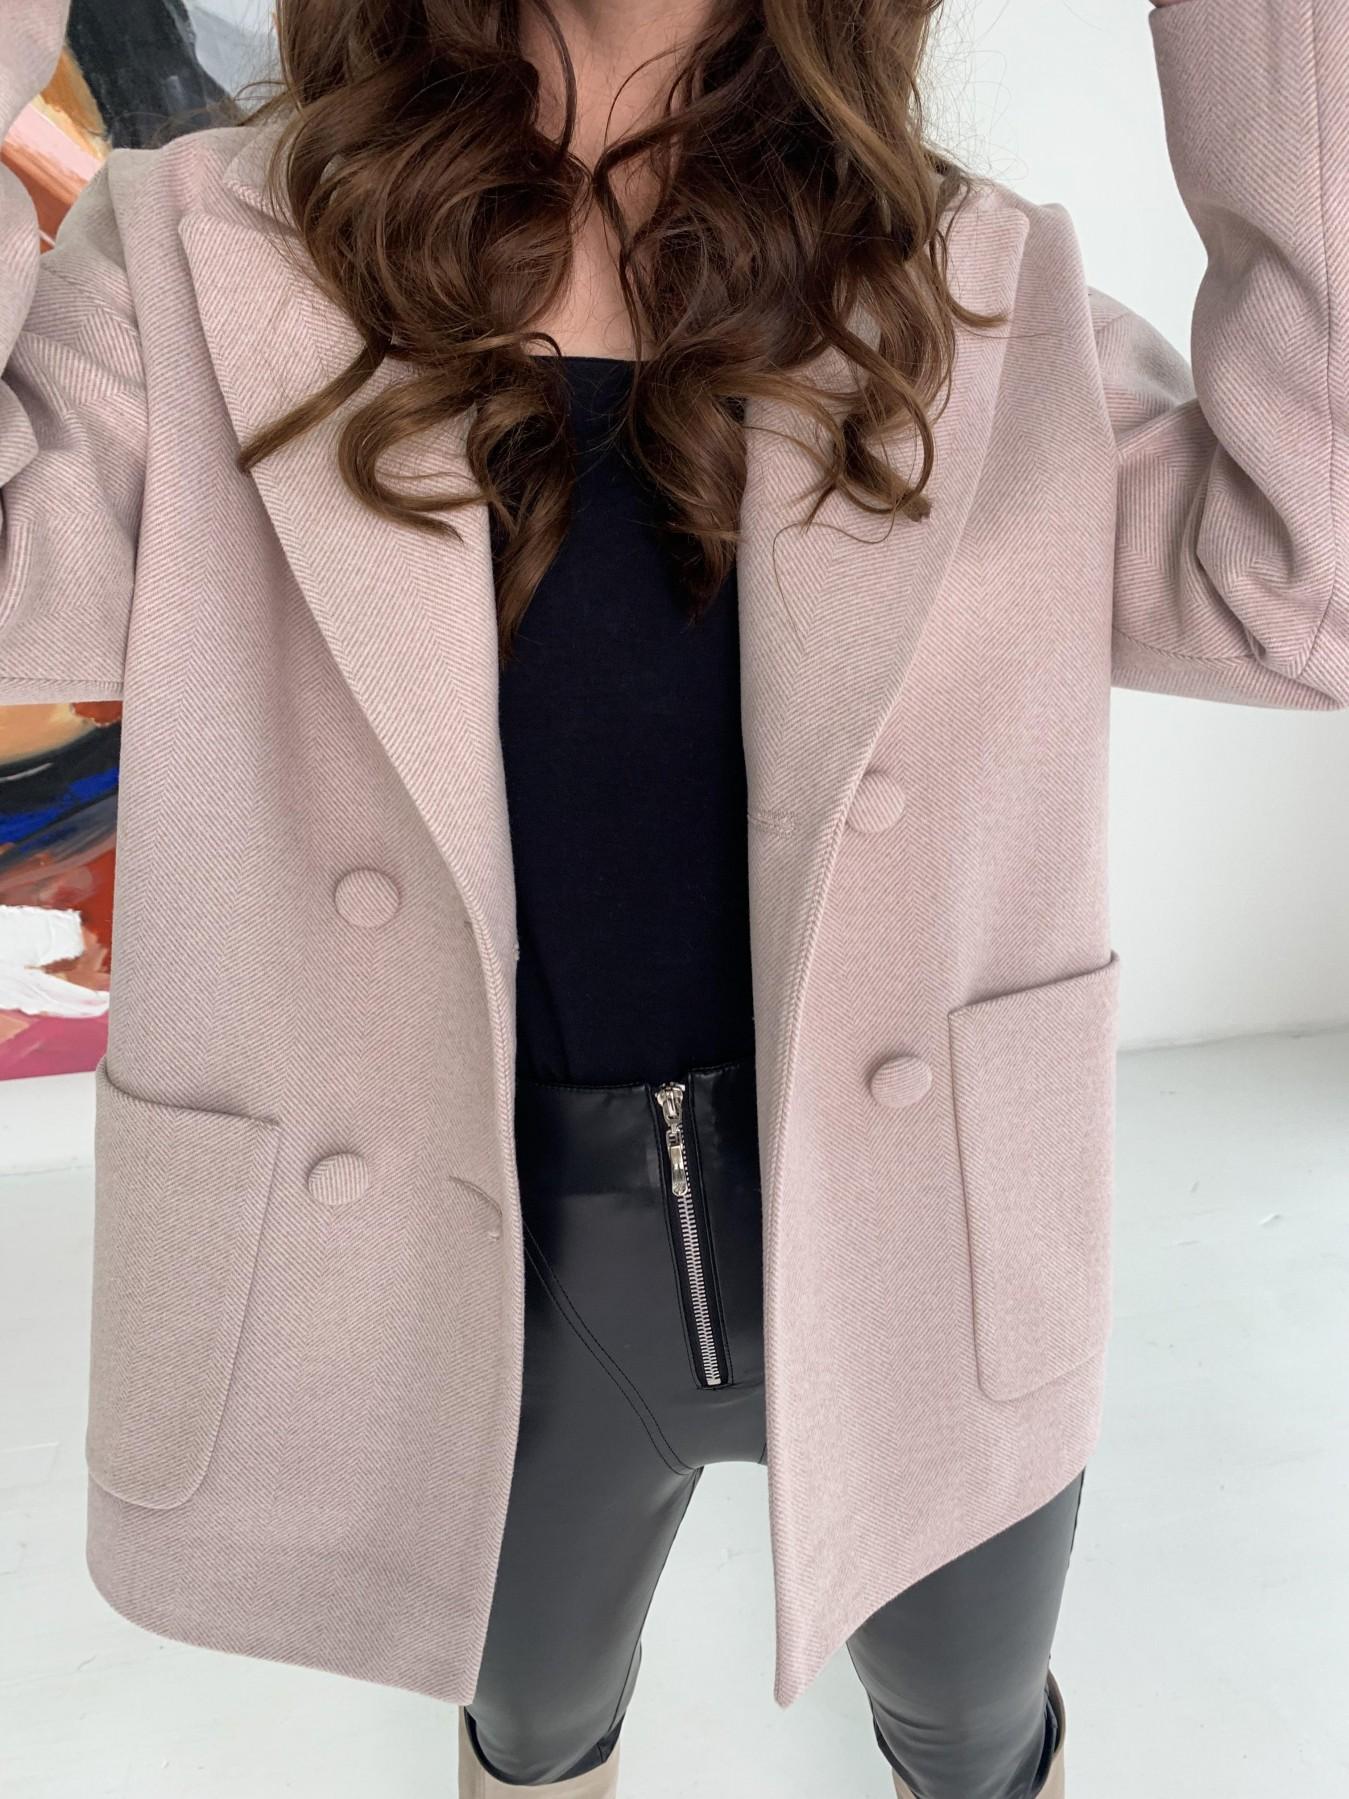 Мансера пальто в мелкую елочку из пальтовой ткани 10627 АРТ. 47001 Цвет: Пудра - фото 2, интернет магазин tm-modus.ru